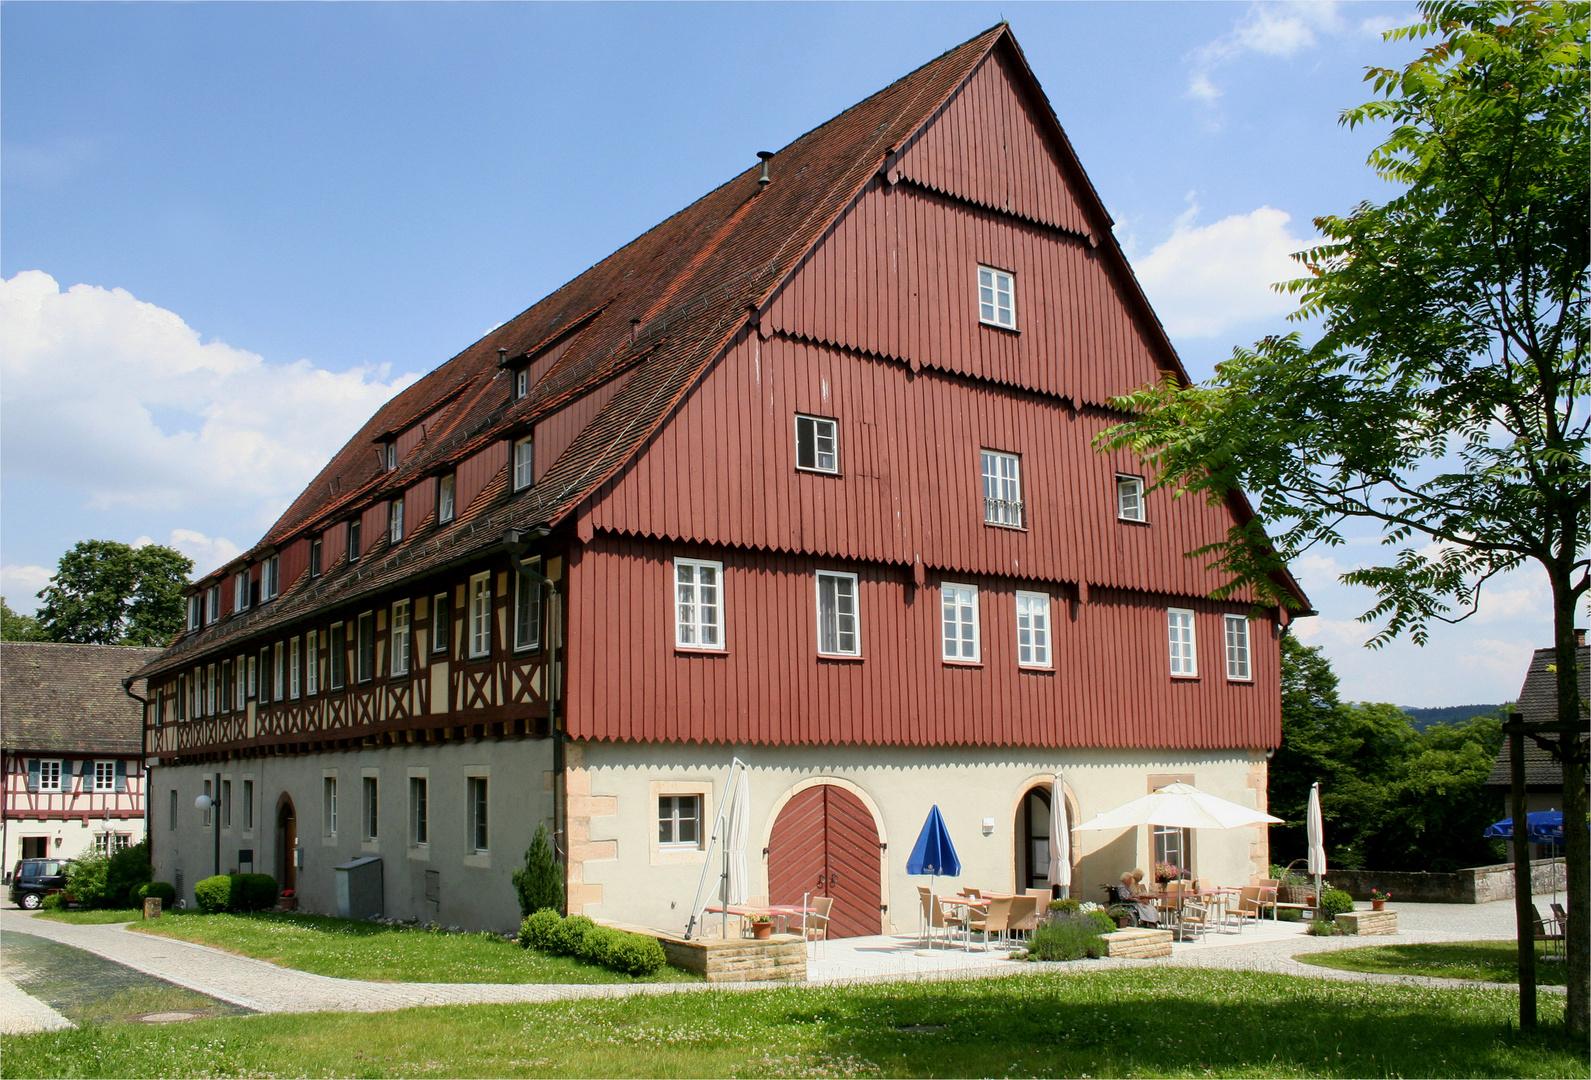 Kloster Lorch im Remstal (2)